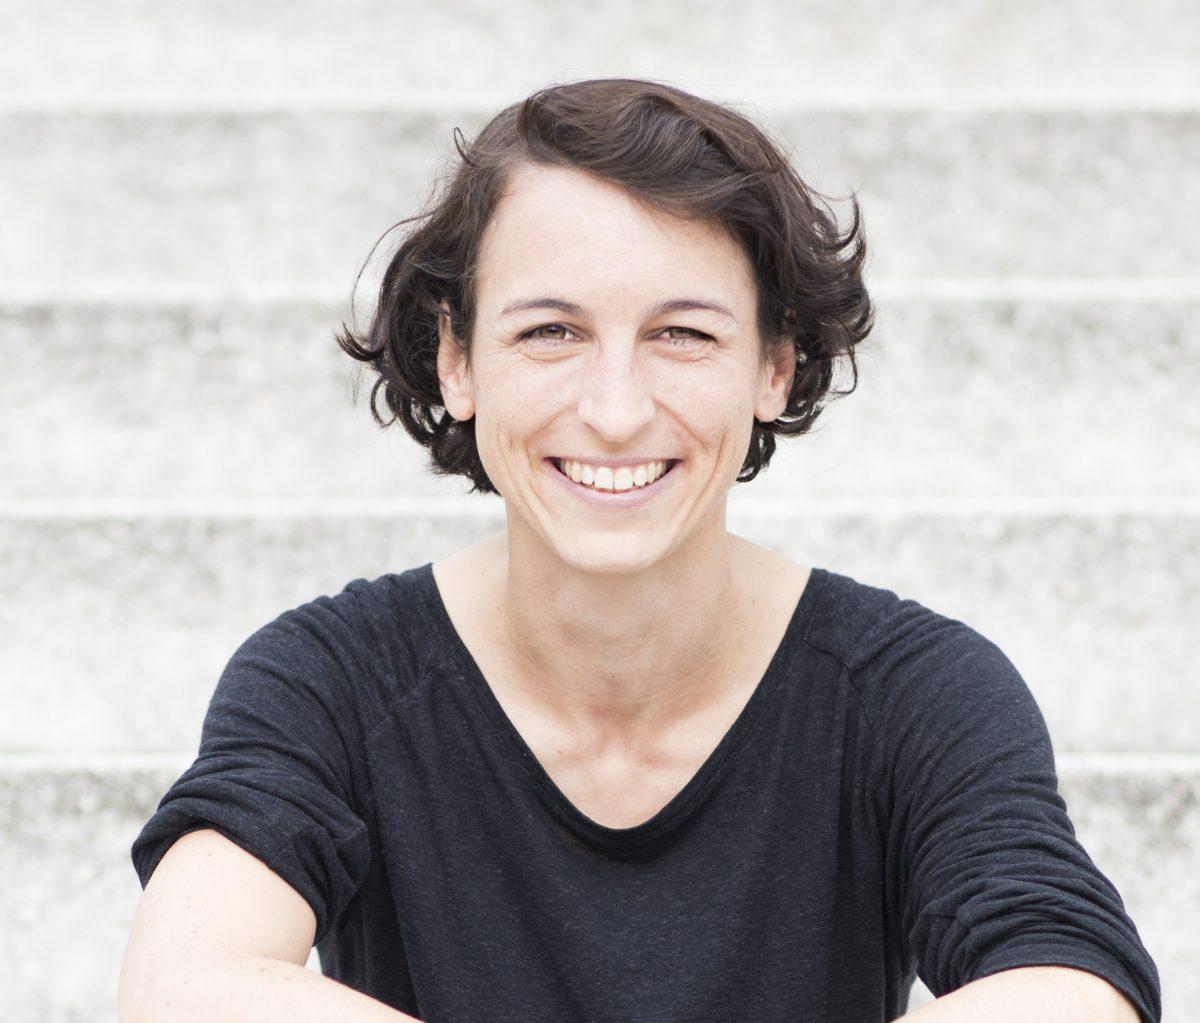 Copyright Jacqueline Häußler